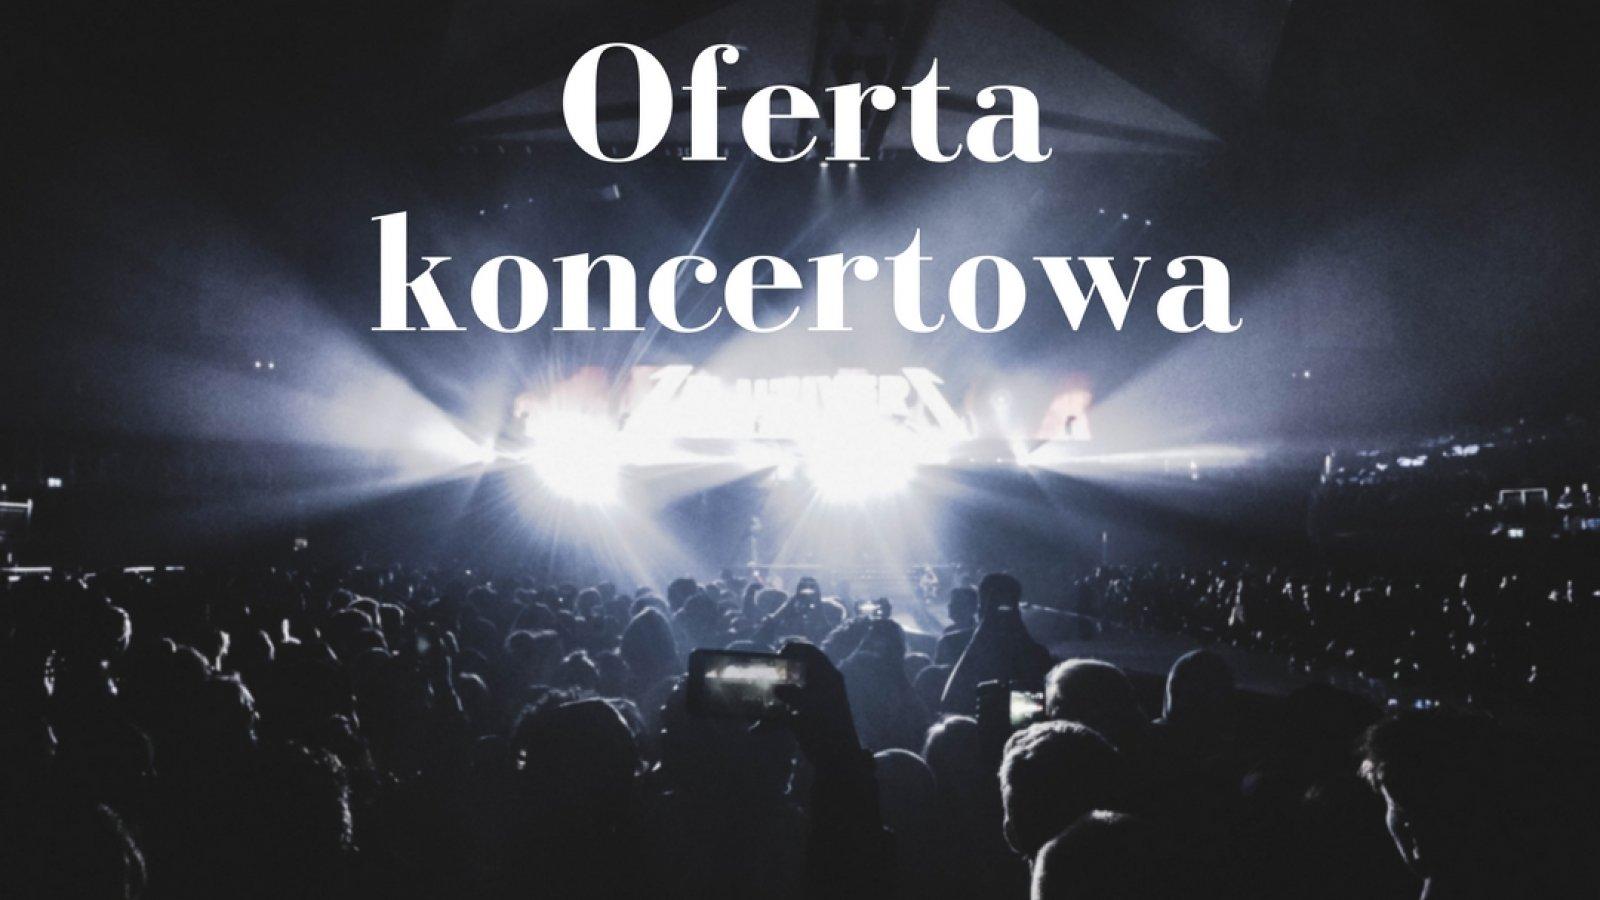 Oferta koncertowa z atrakcją specjalną!